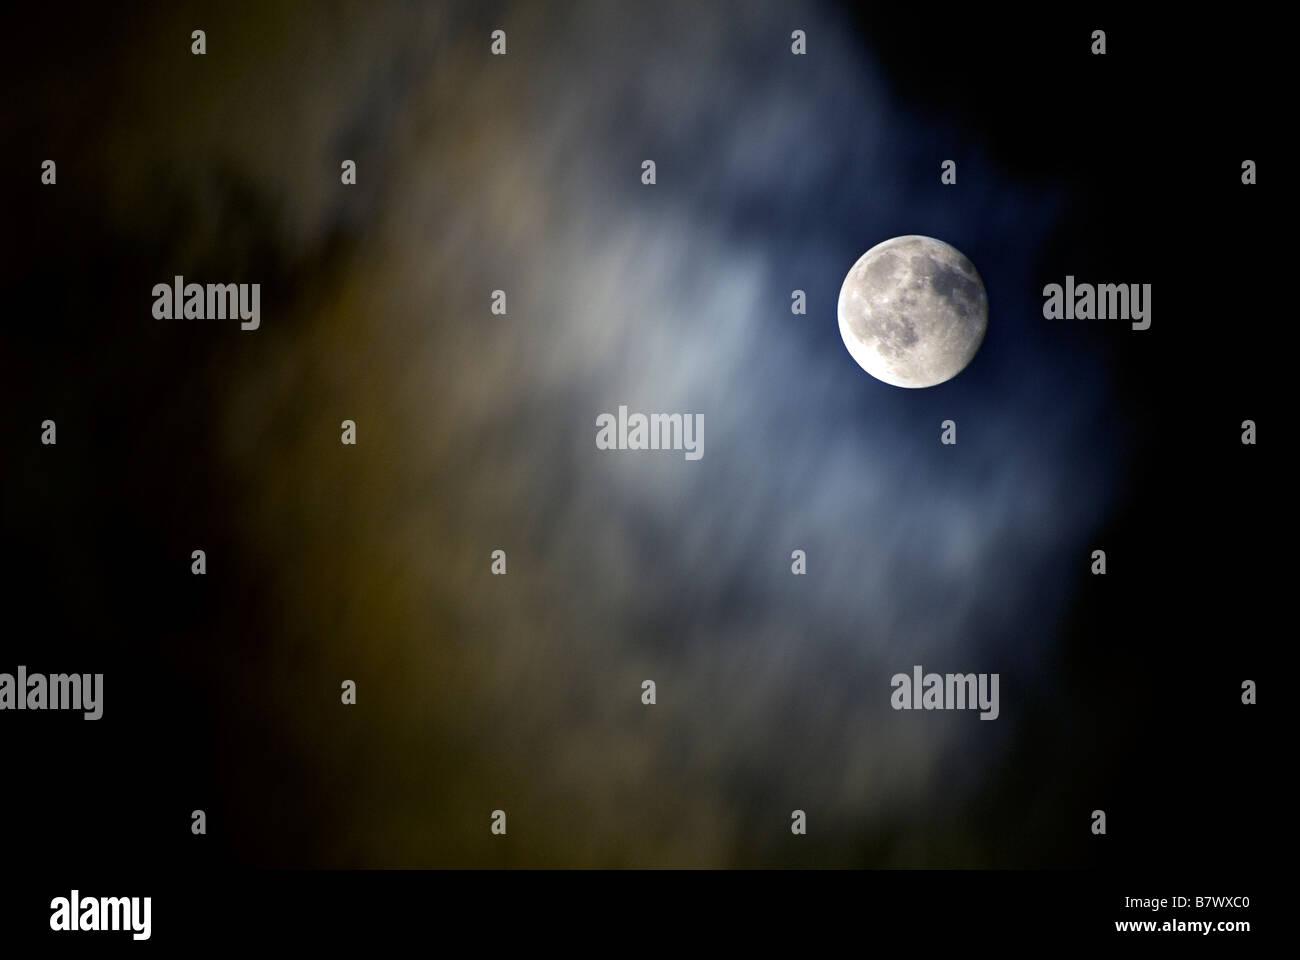 Luna SHOT IN UN nuvoloso cielo notturno Immagini Stock